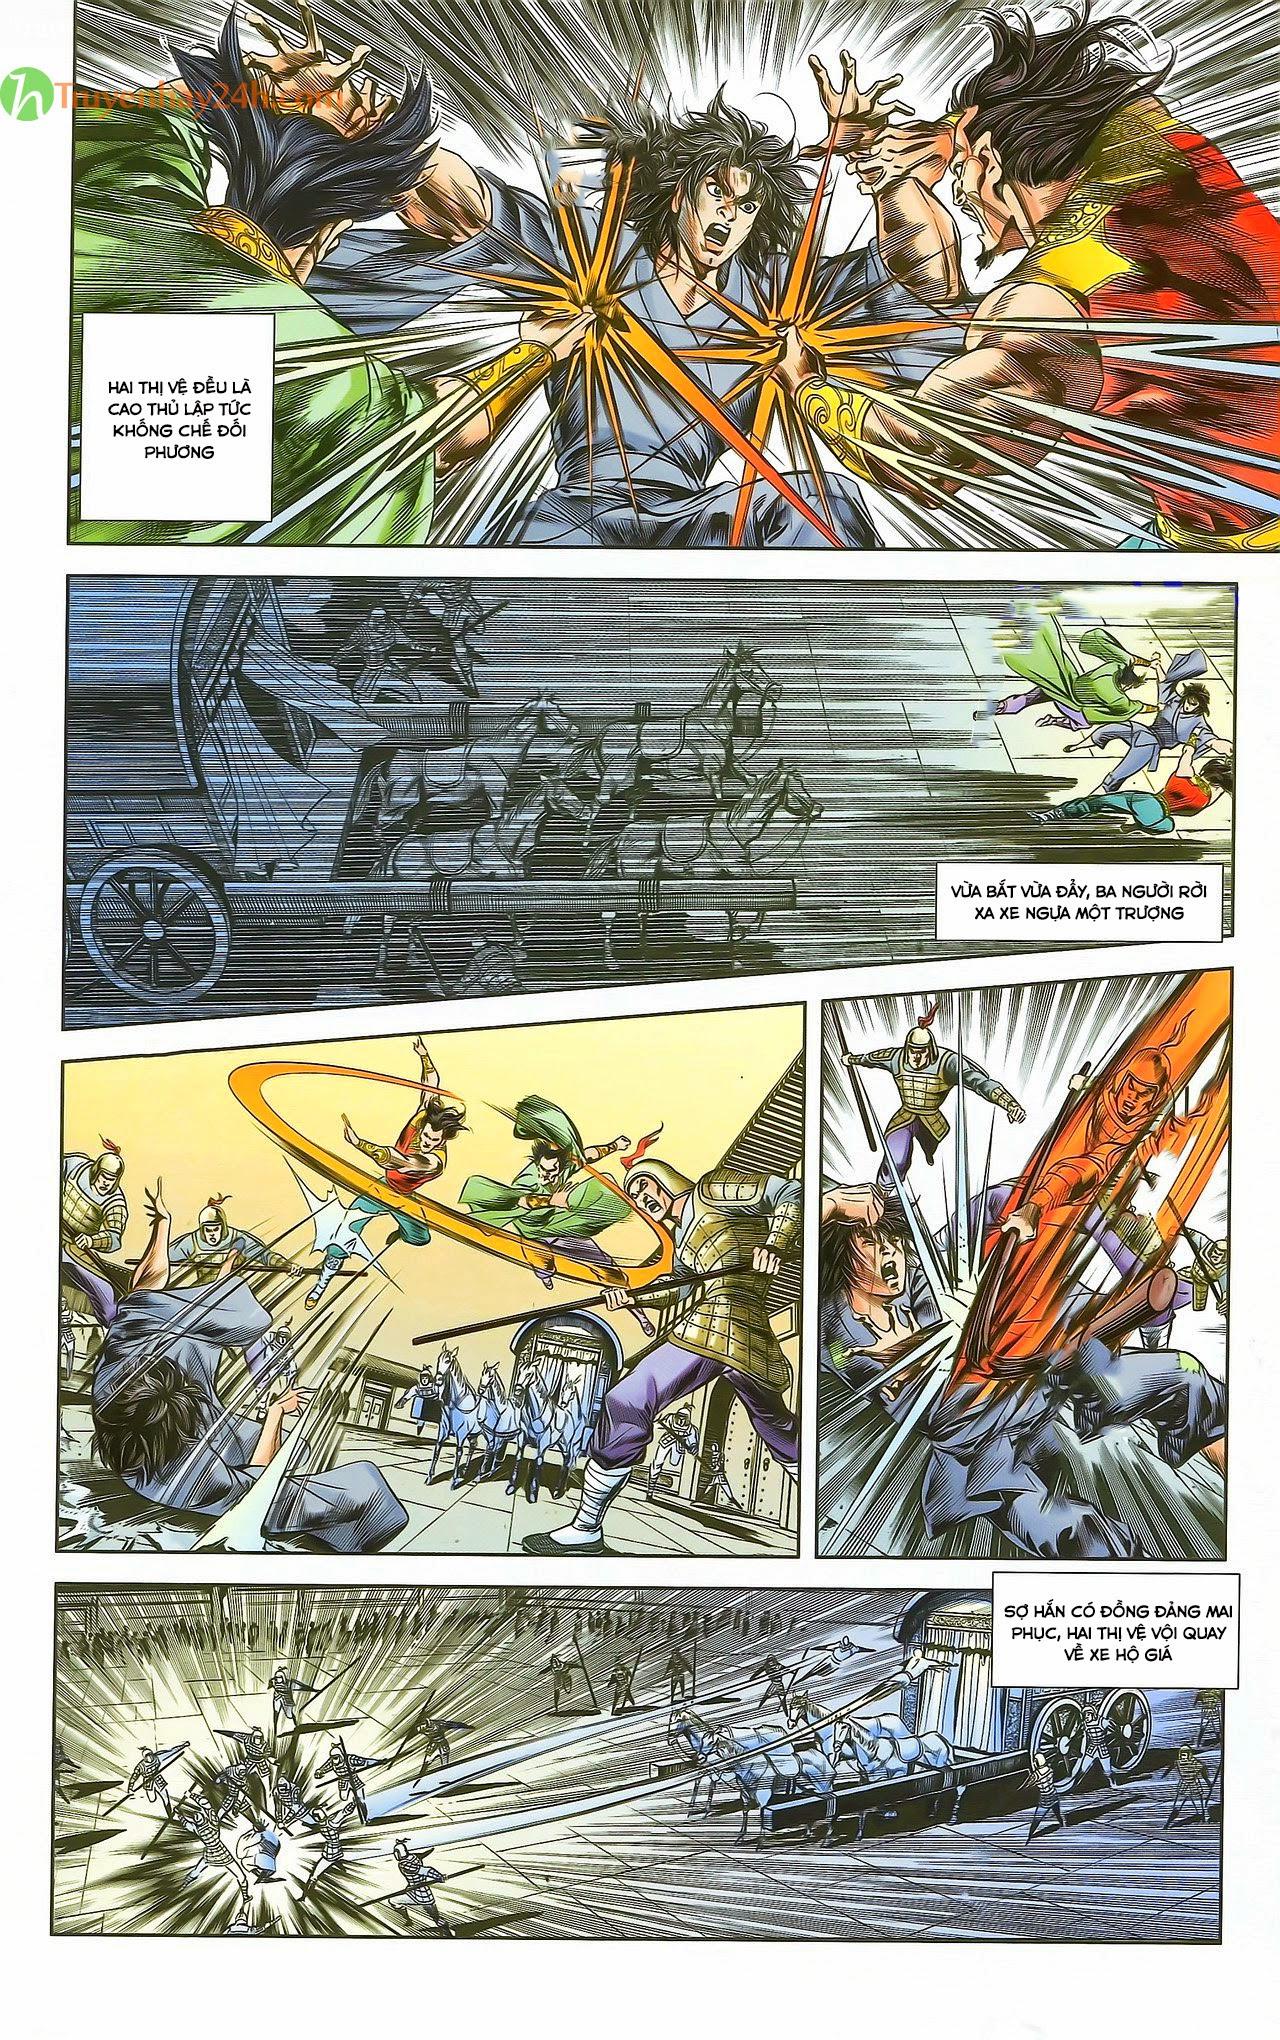 Tần Vương Doanh Chính chapter 29.1 trang 3